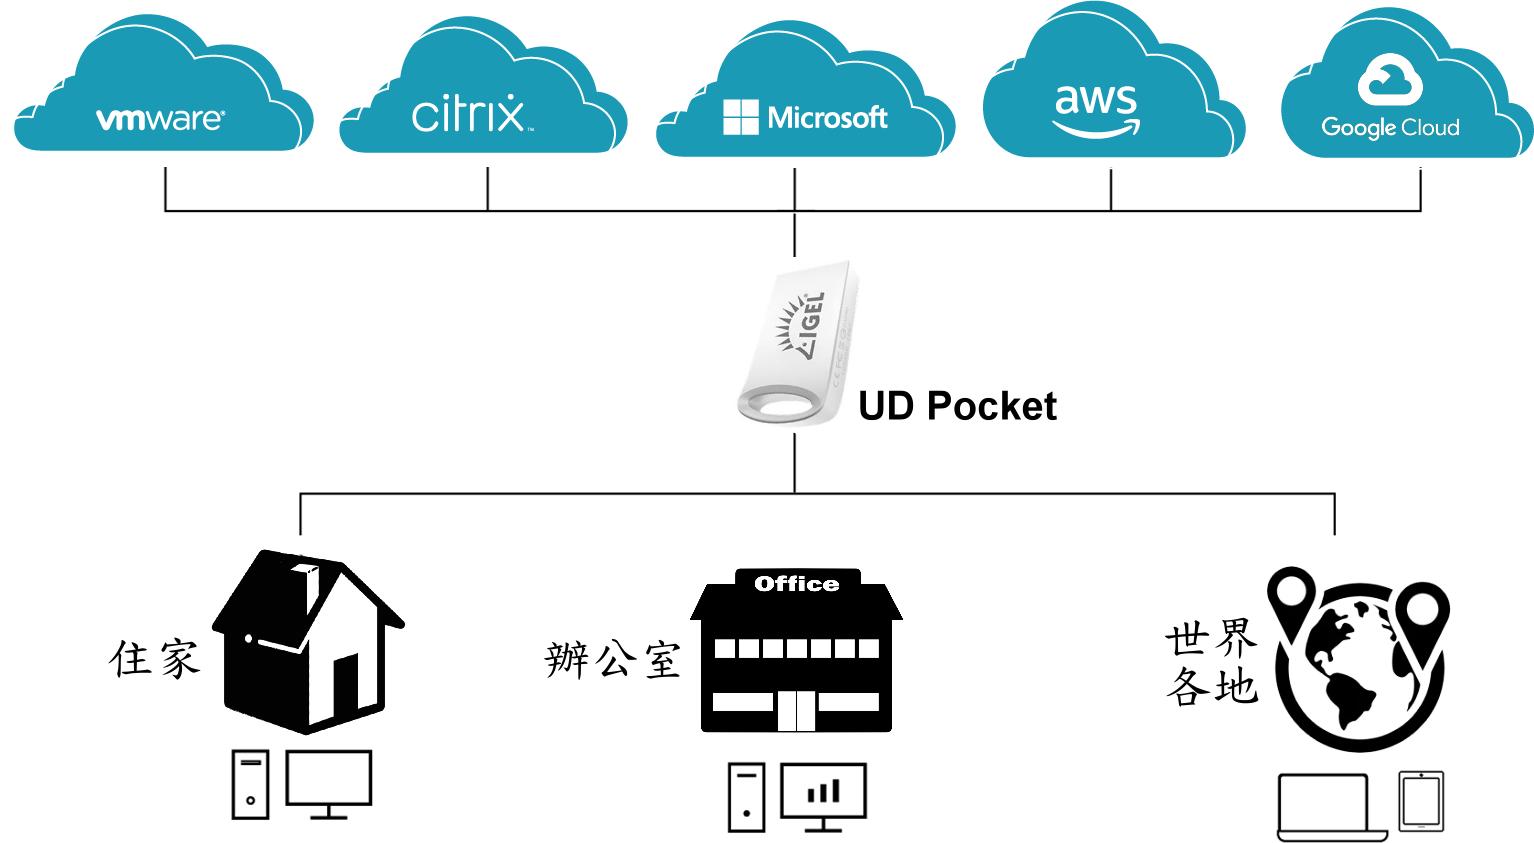 使用UD Pocket開機後,端點設備將轉換為IGEL OS,在VDI工作環境下,安全且快速的連結到所需程式及文件。工作完畢,移除端點碟後,設備即恢復回原作業系統,有效提高BYOD的安全性。